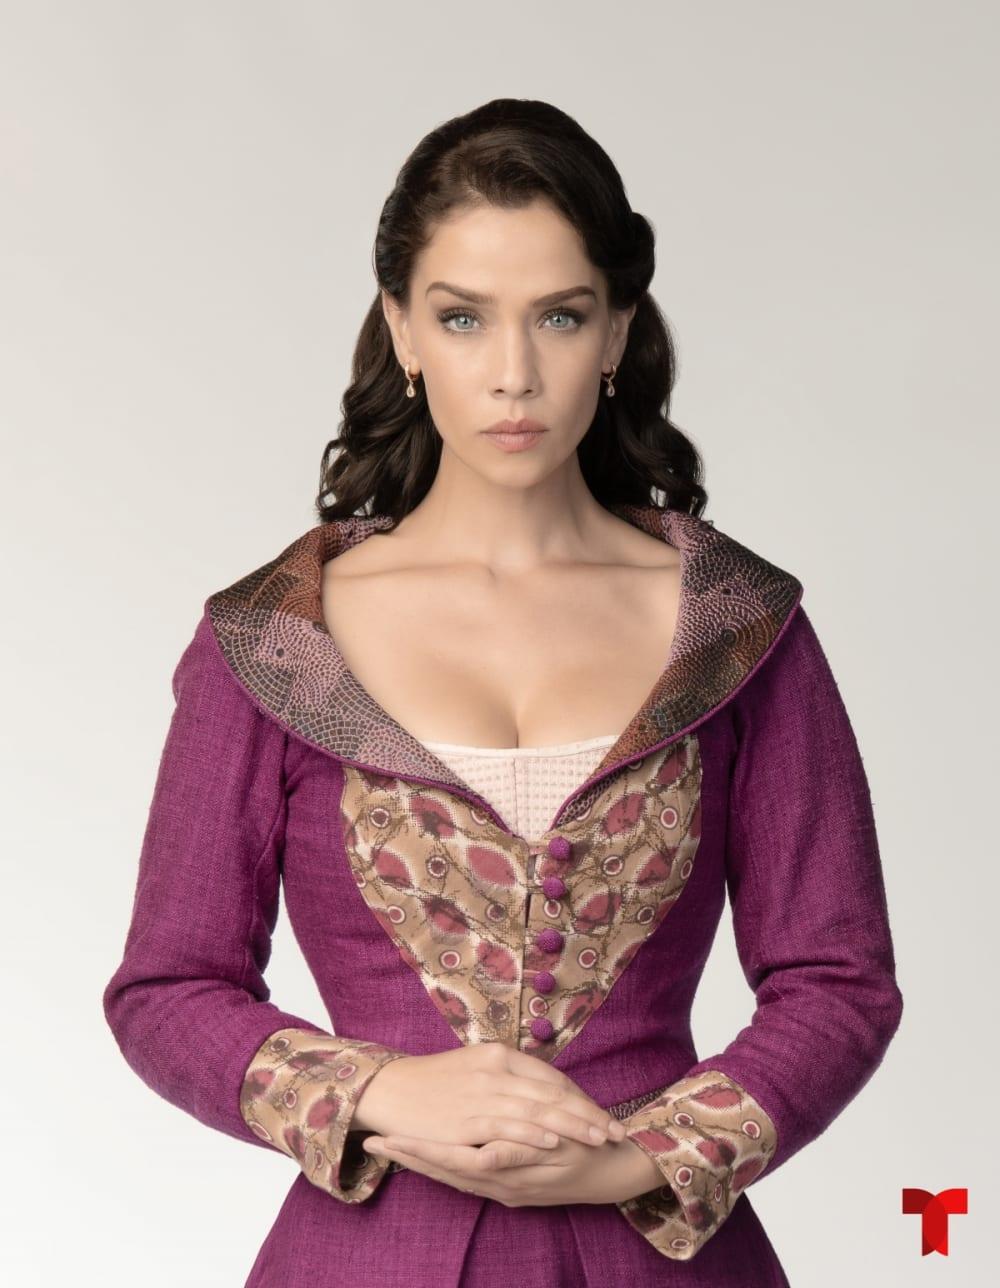 Carolina Miranda serie Malverde: Cuéntanos un poco de los retos de hacer a Isabel.